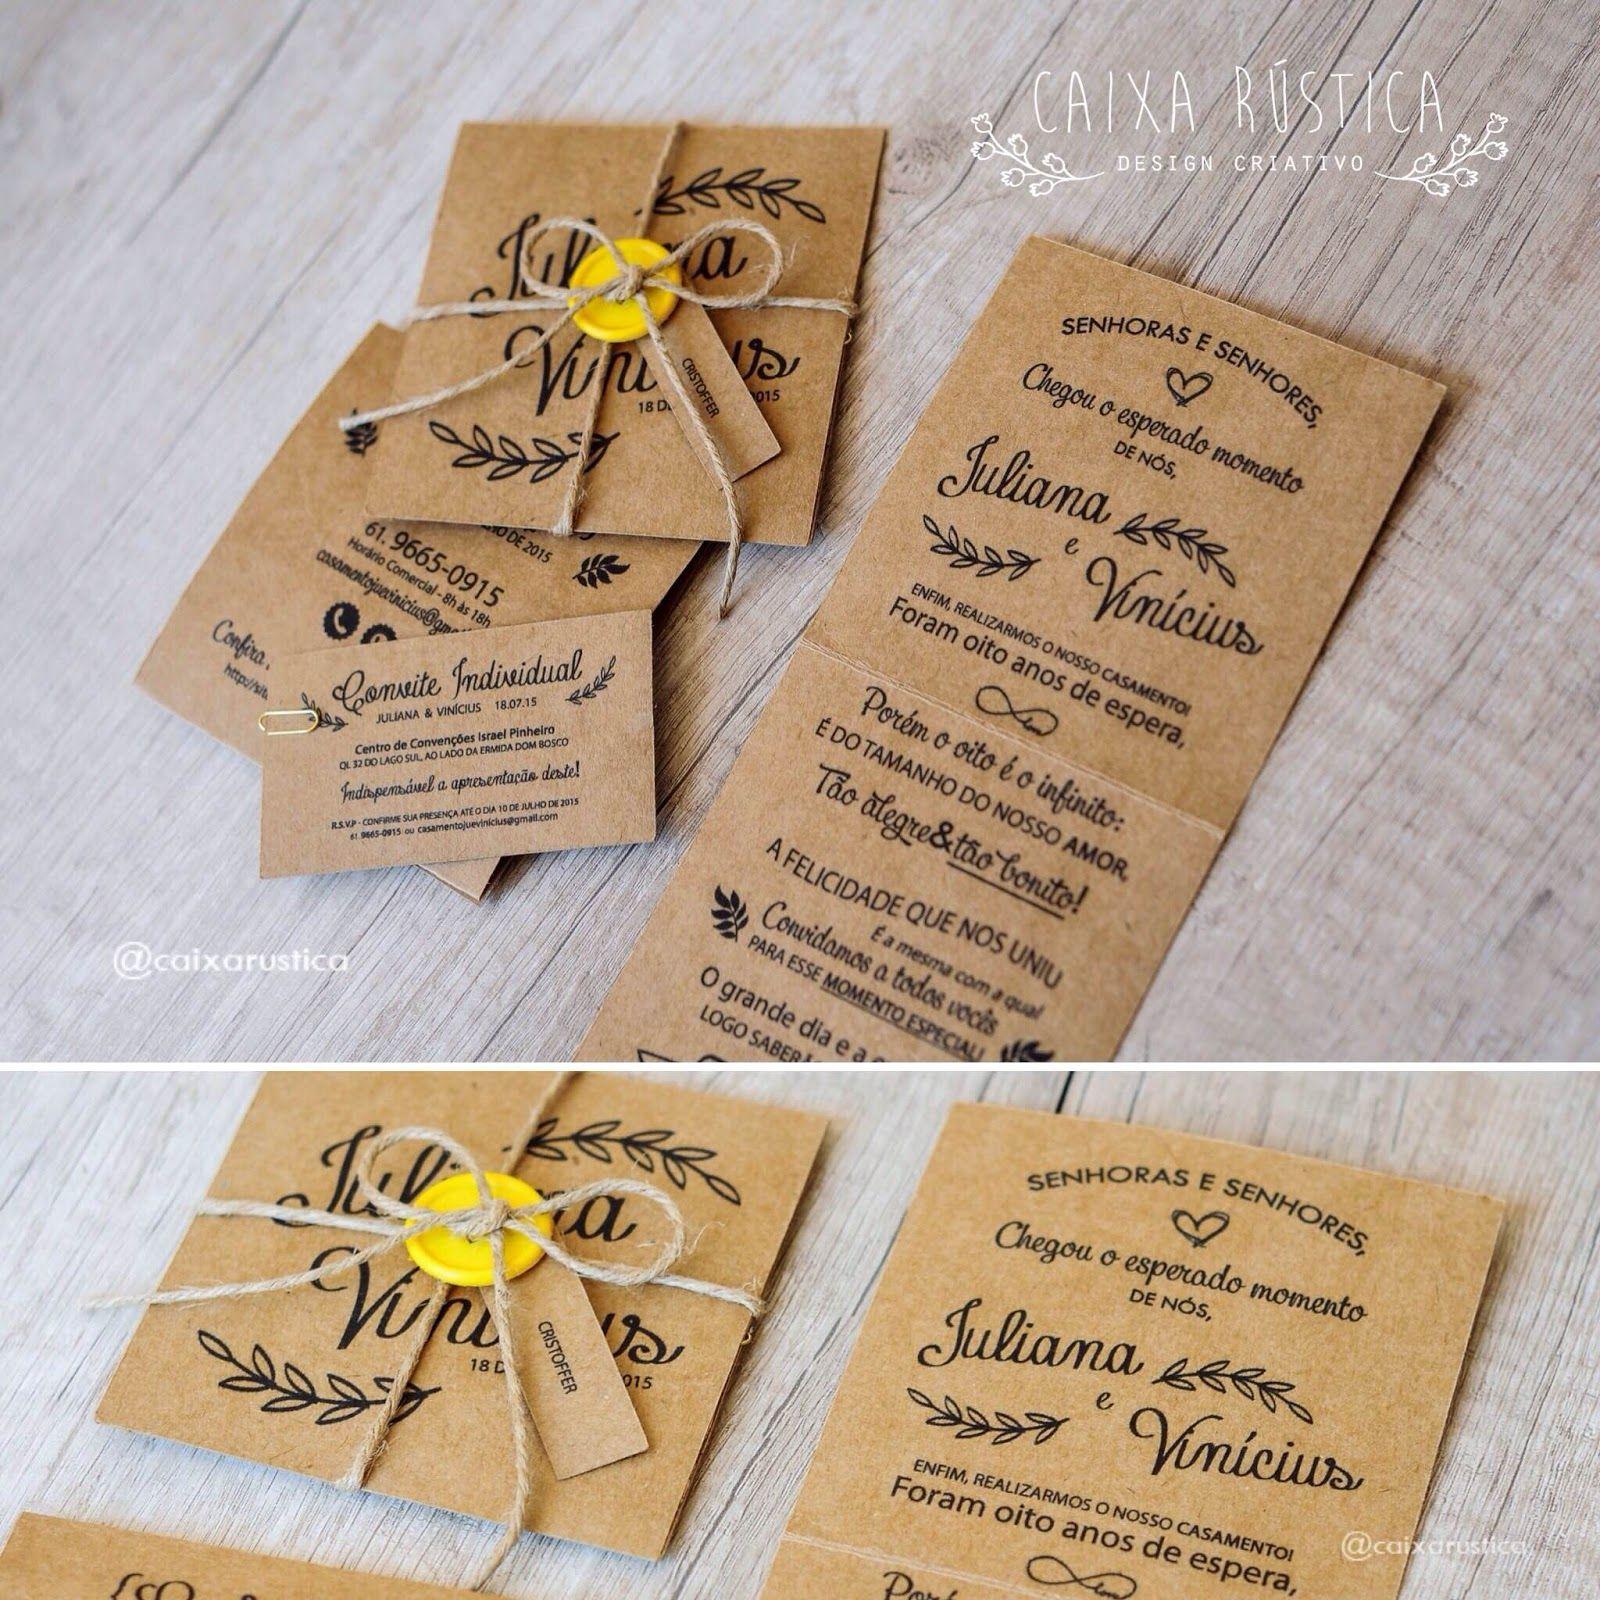 Convite Kraft Undangan Perkawinan Undangan Pernikahan Pernikahan